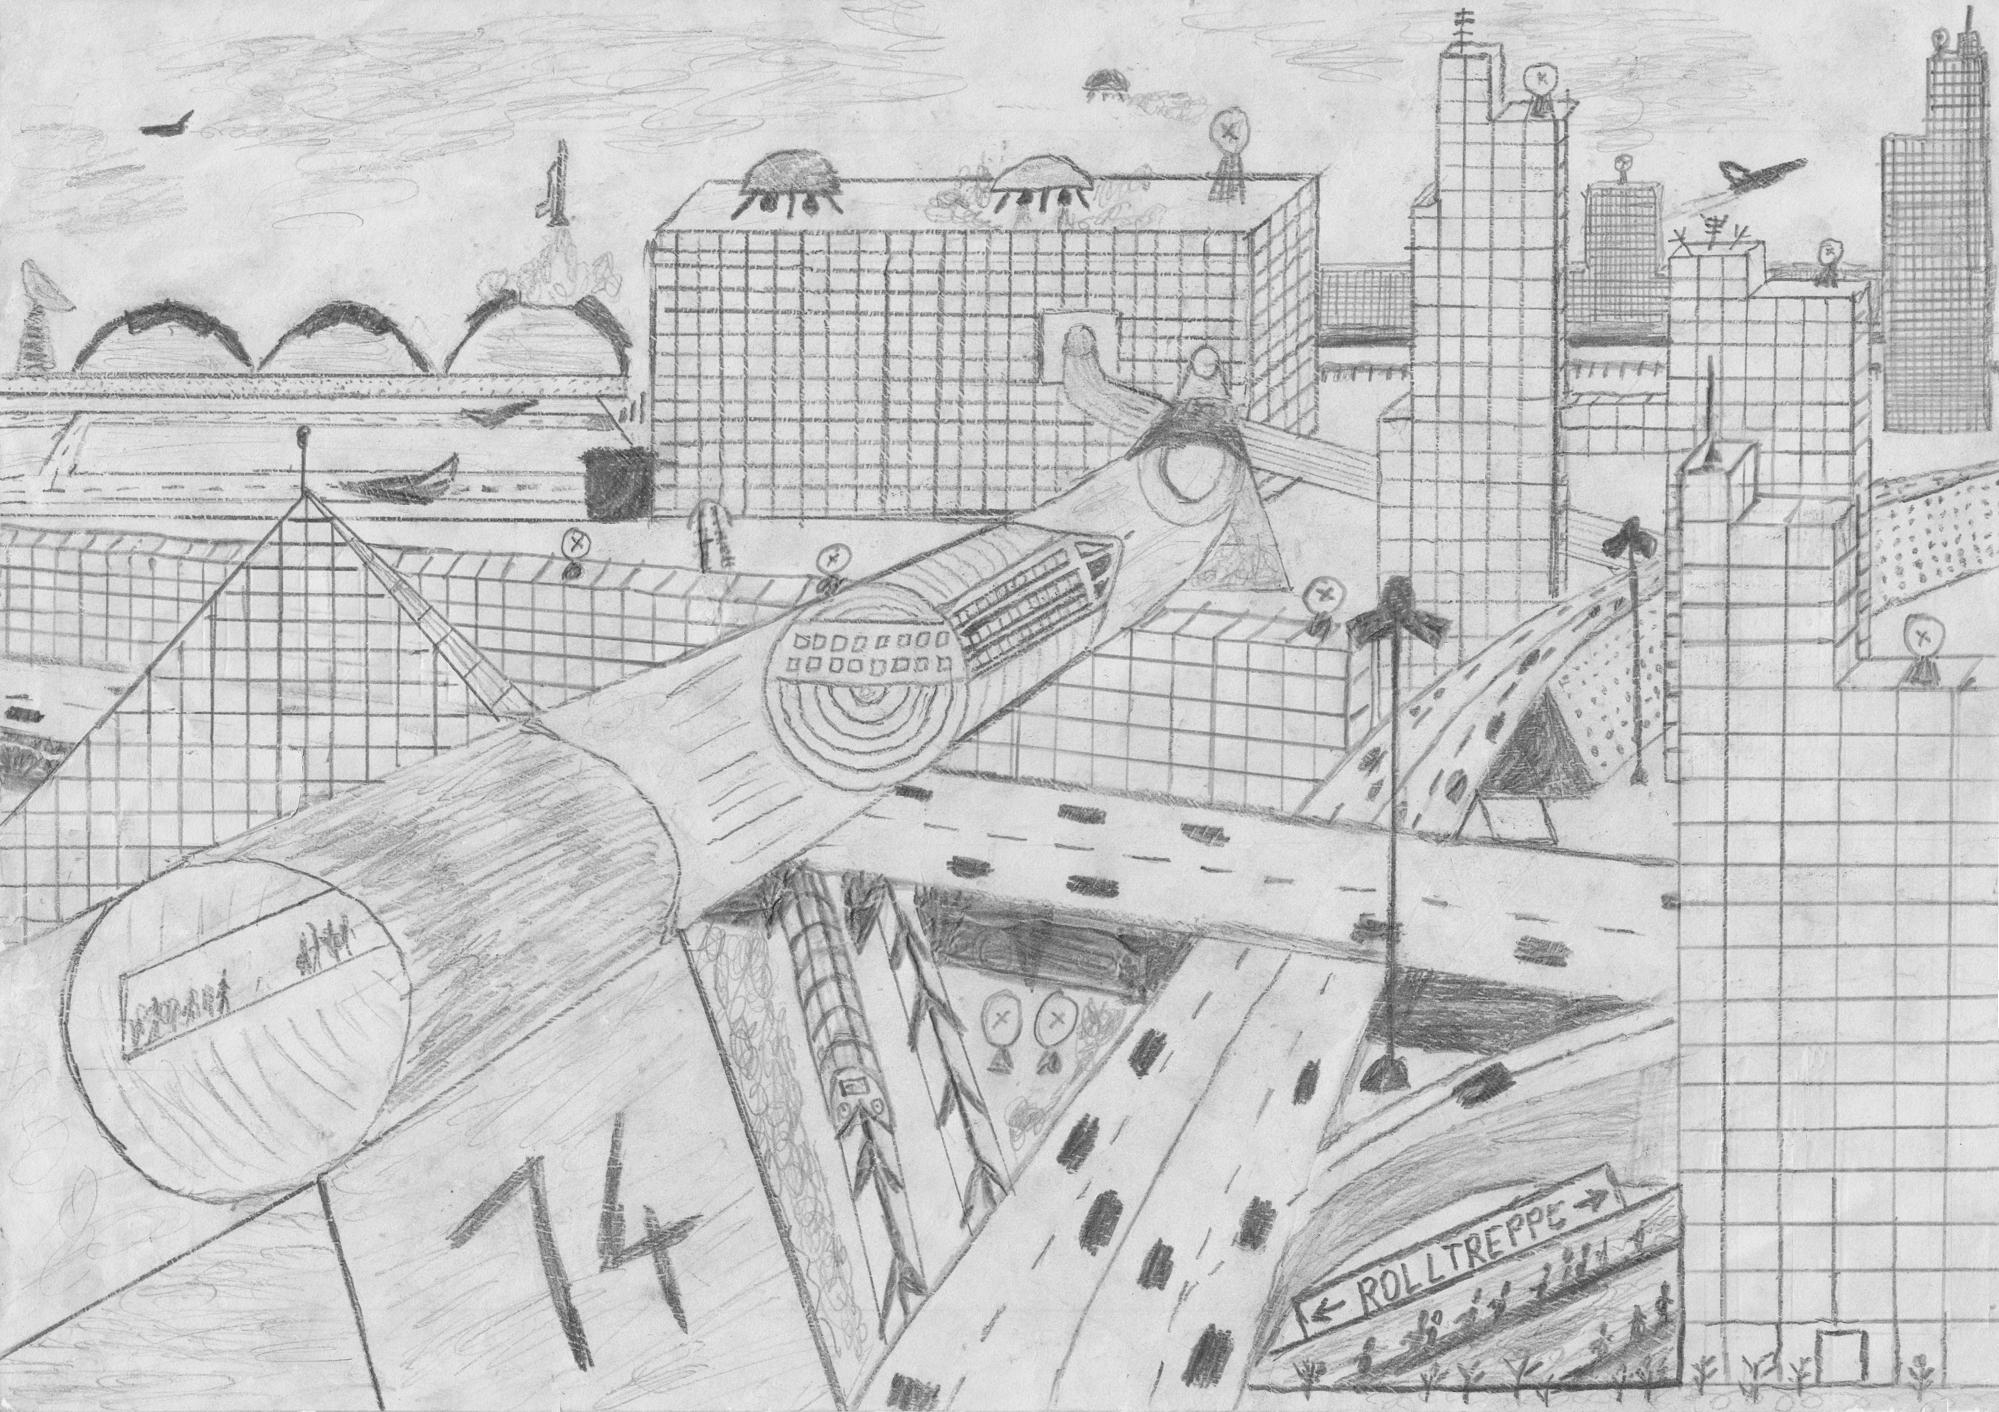 Utopia, Zeichnung von 1985